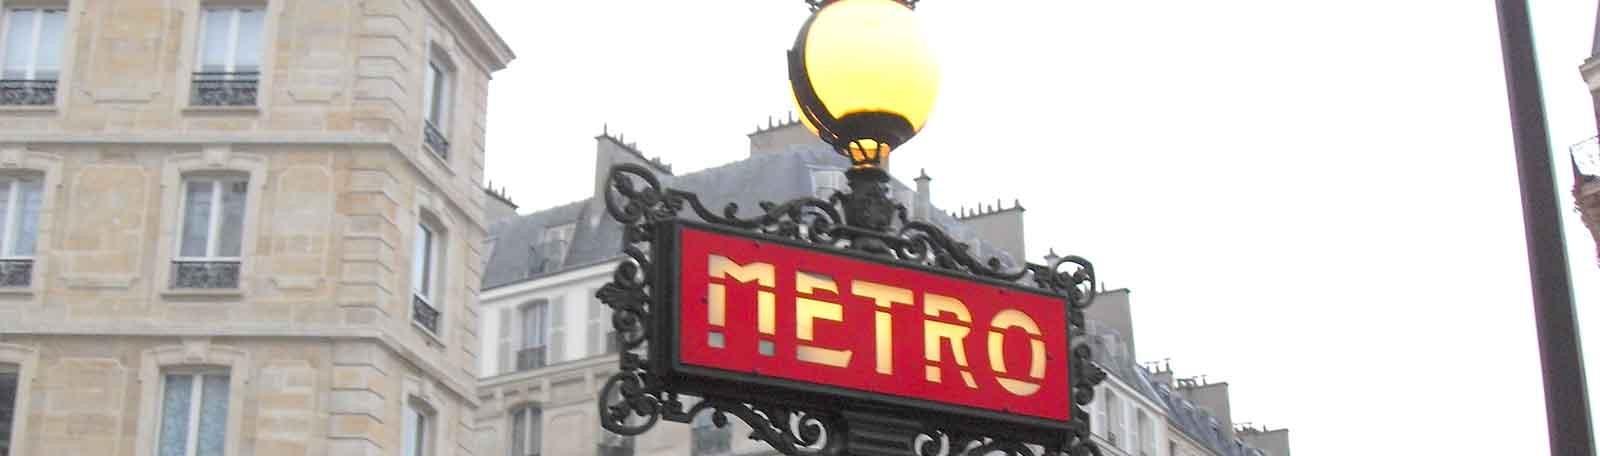 Car Park Paris Subway Saint-Placide